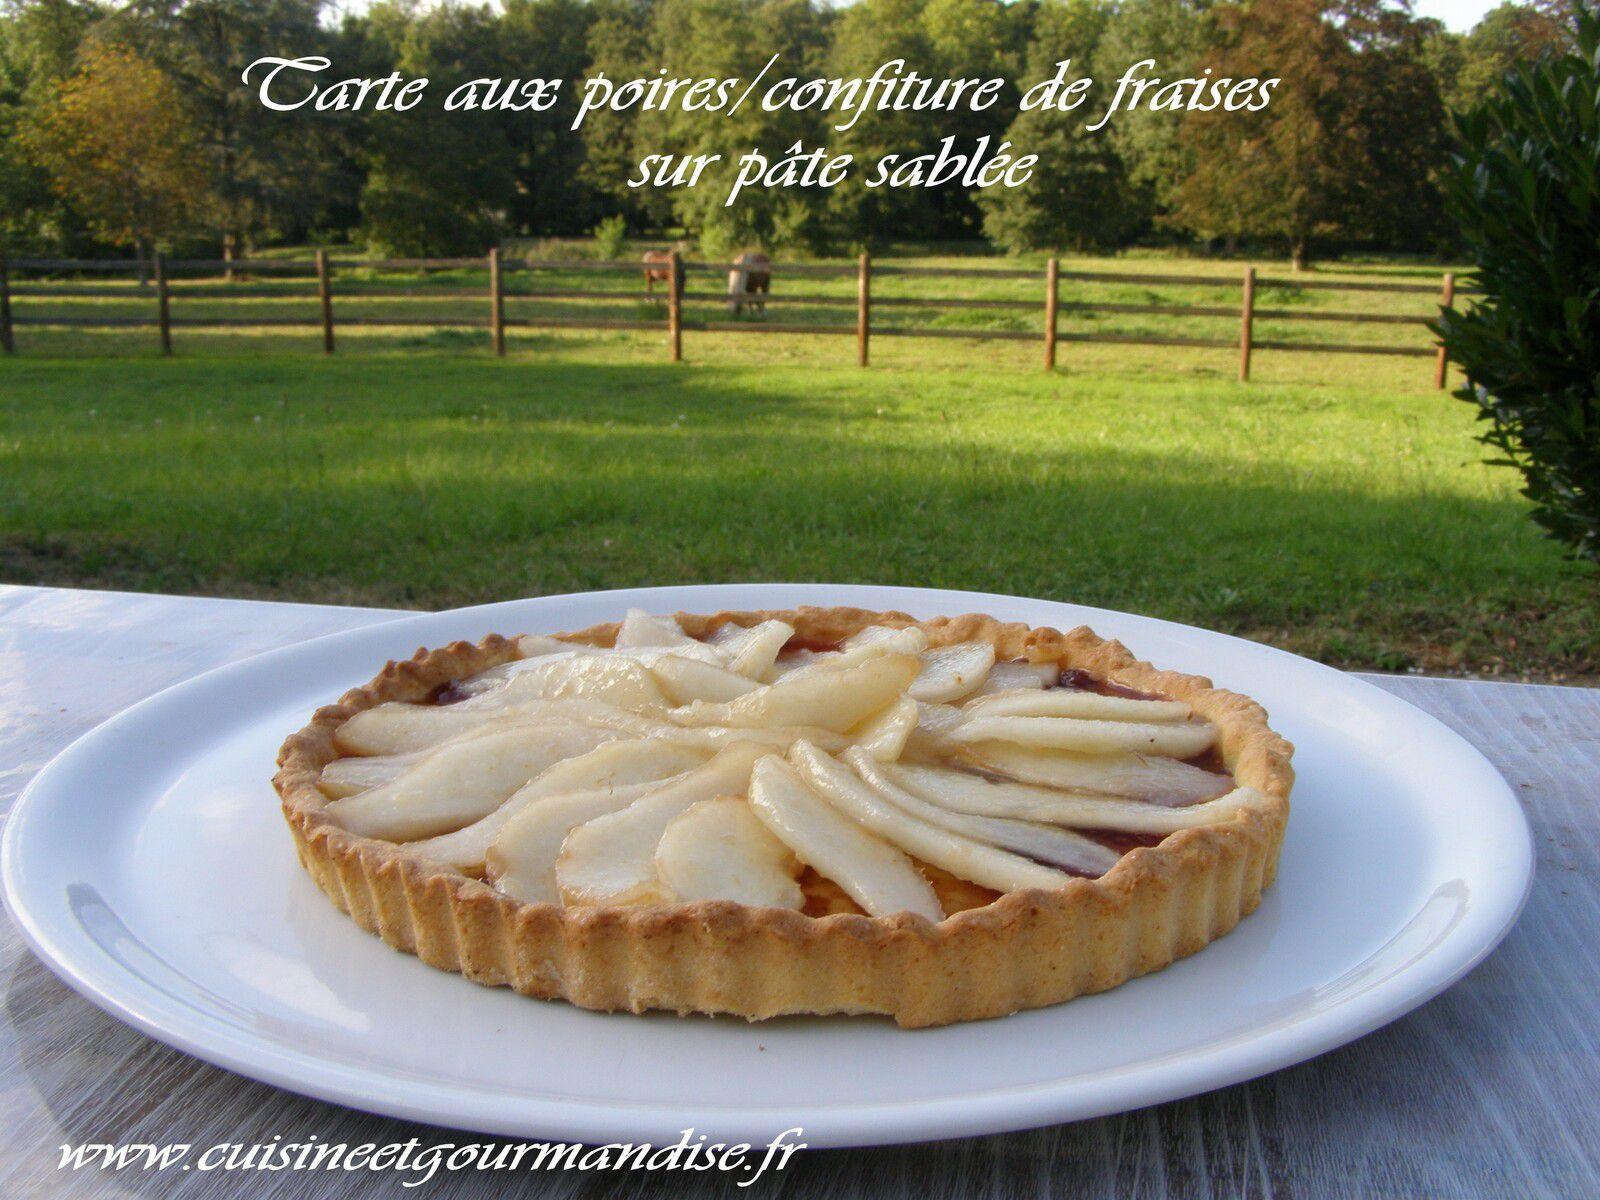 Tarte aux poires/confiture de fraises, sur pâte sablée Pâte réalisée au Cook Expert de Magimix www.cuisineetgourmandise.fr